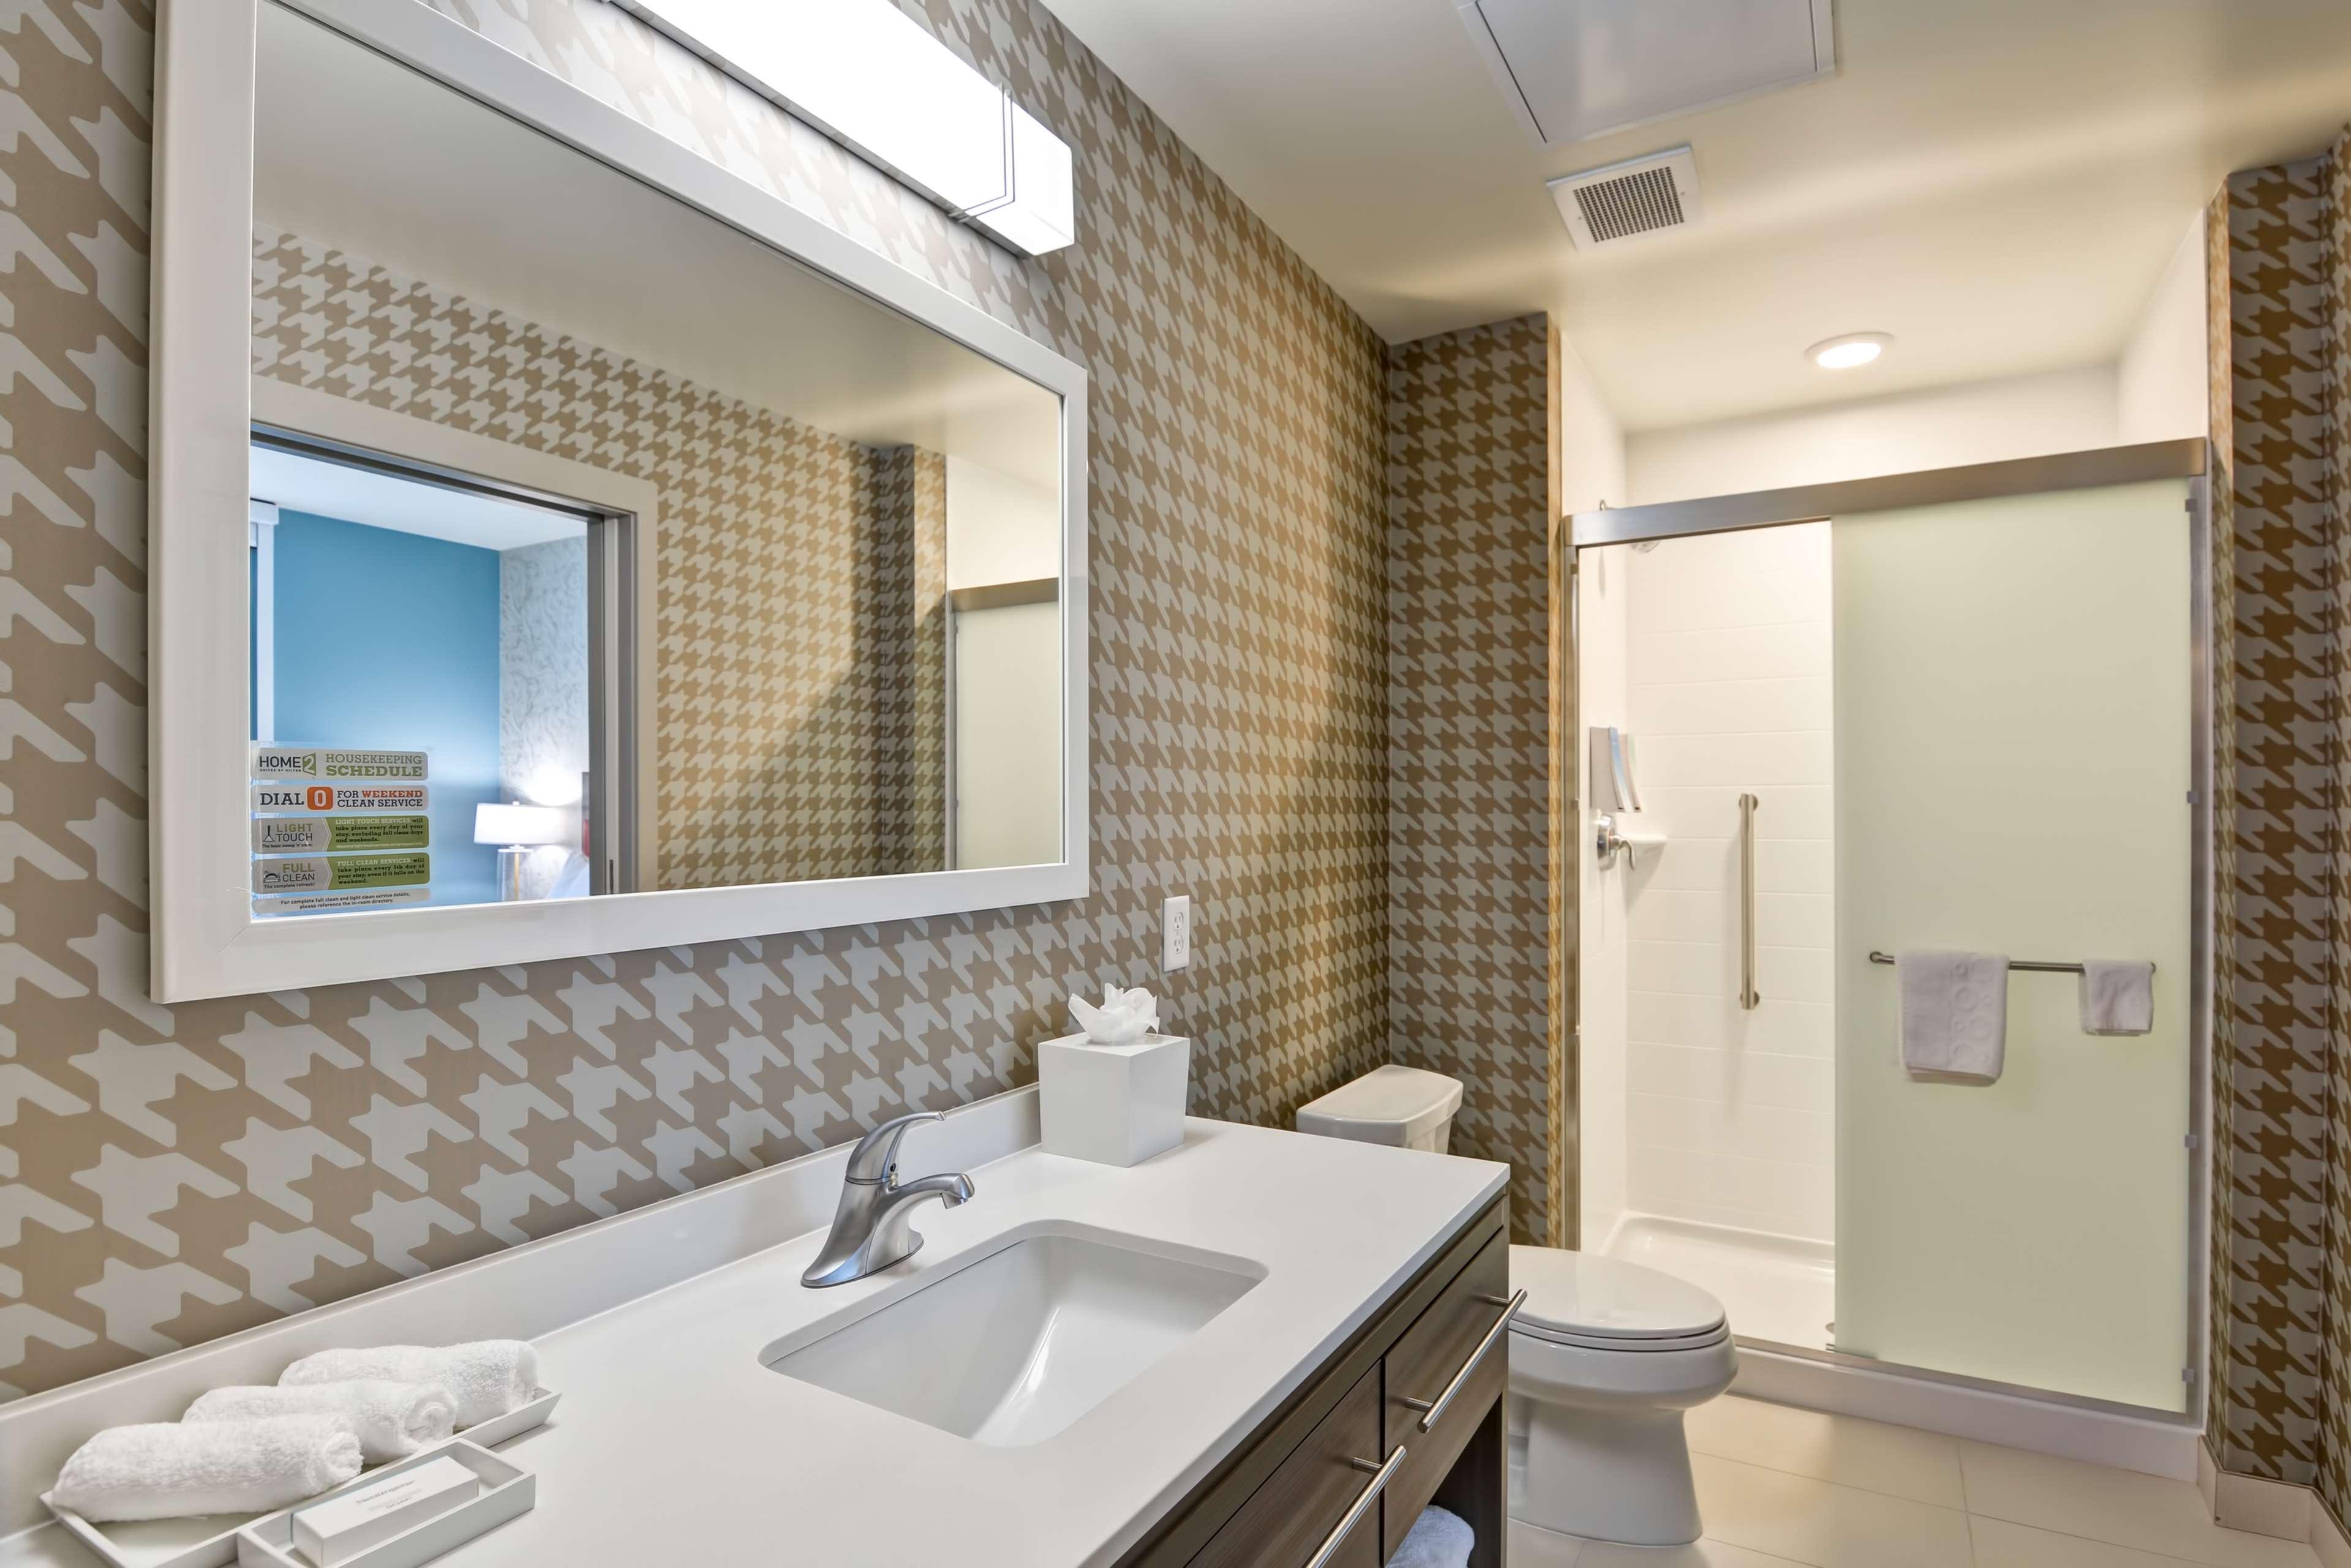 Home2 Suites by Hilton Lafayette image 22